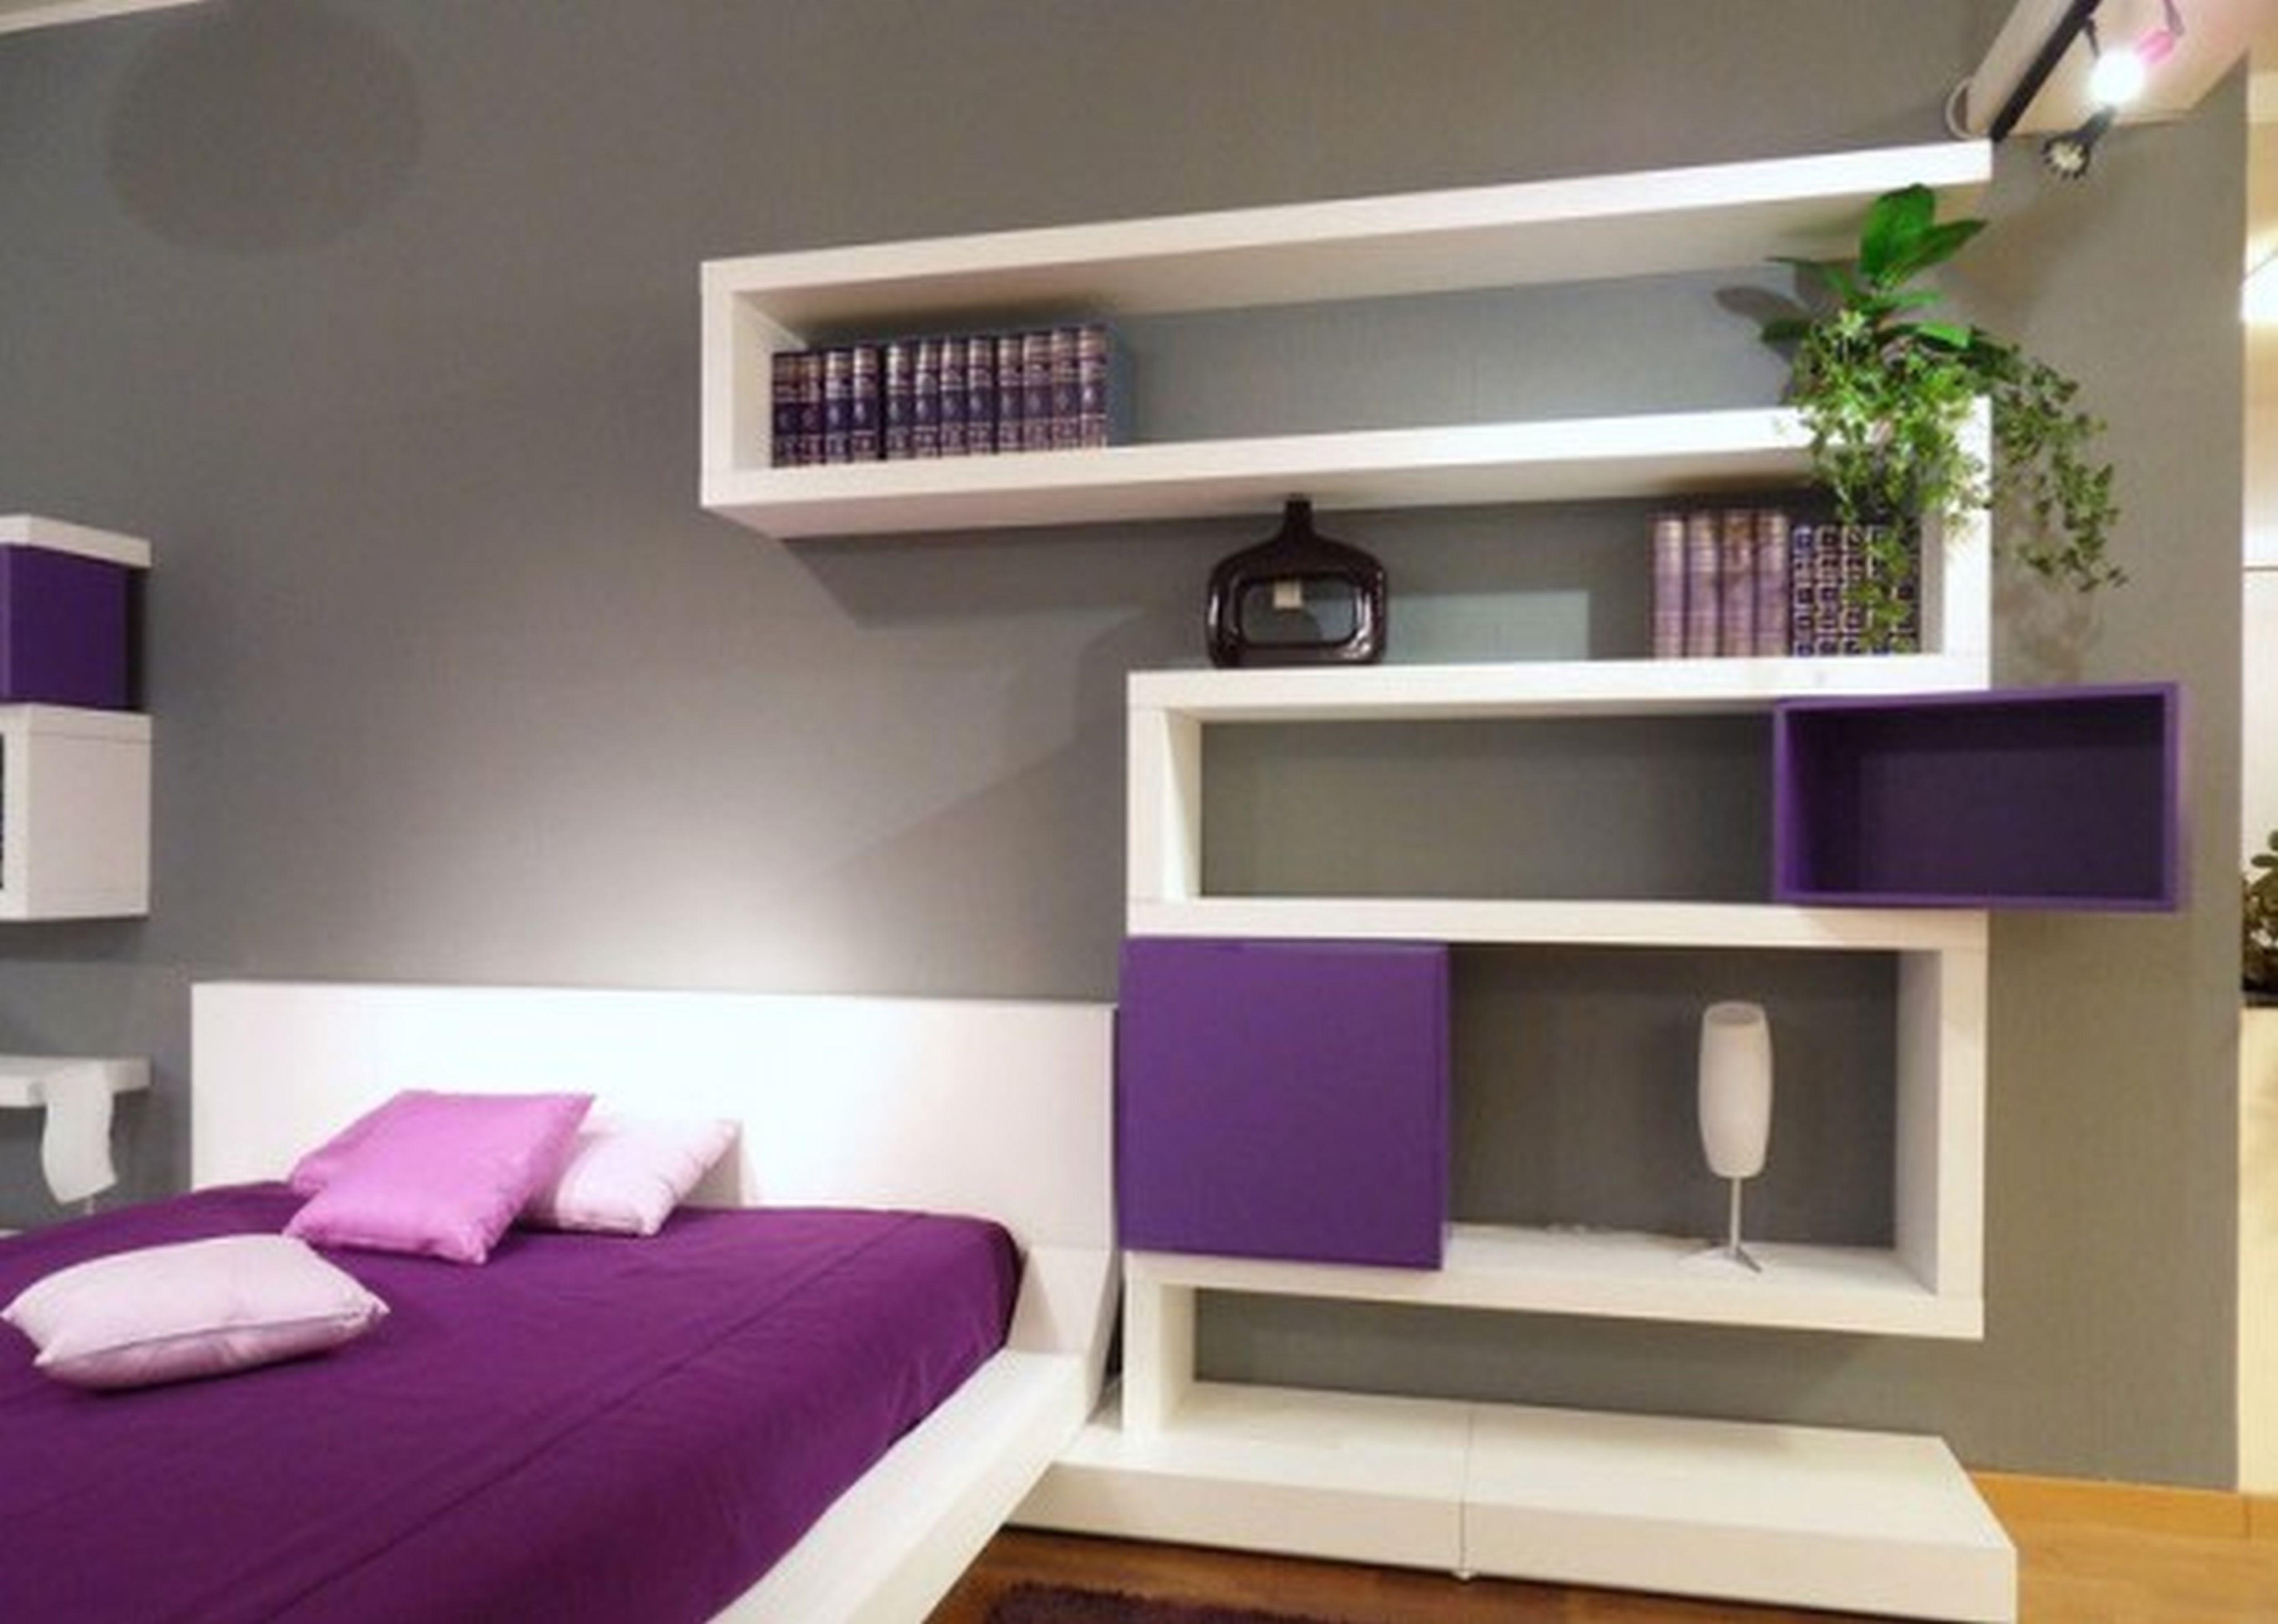 yatak-odasi-dekorlarinda-kitaplik-modelleri Dekorasyonda Kullanabileceğiniz Kitaplık Önerileri